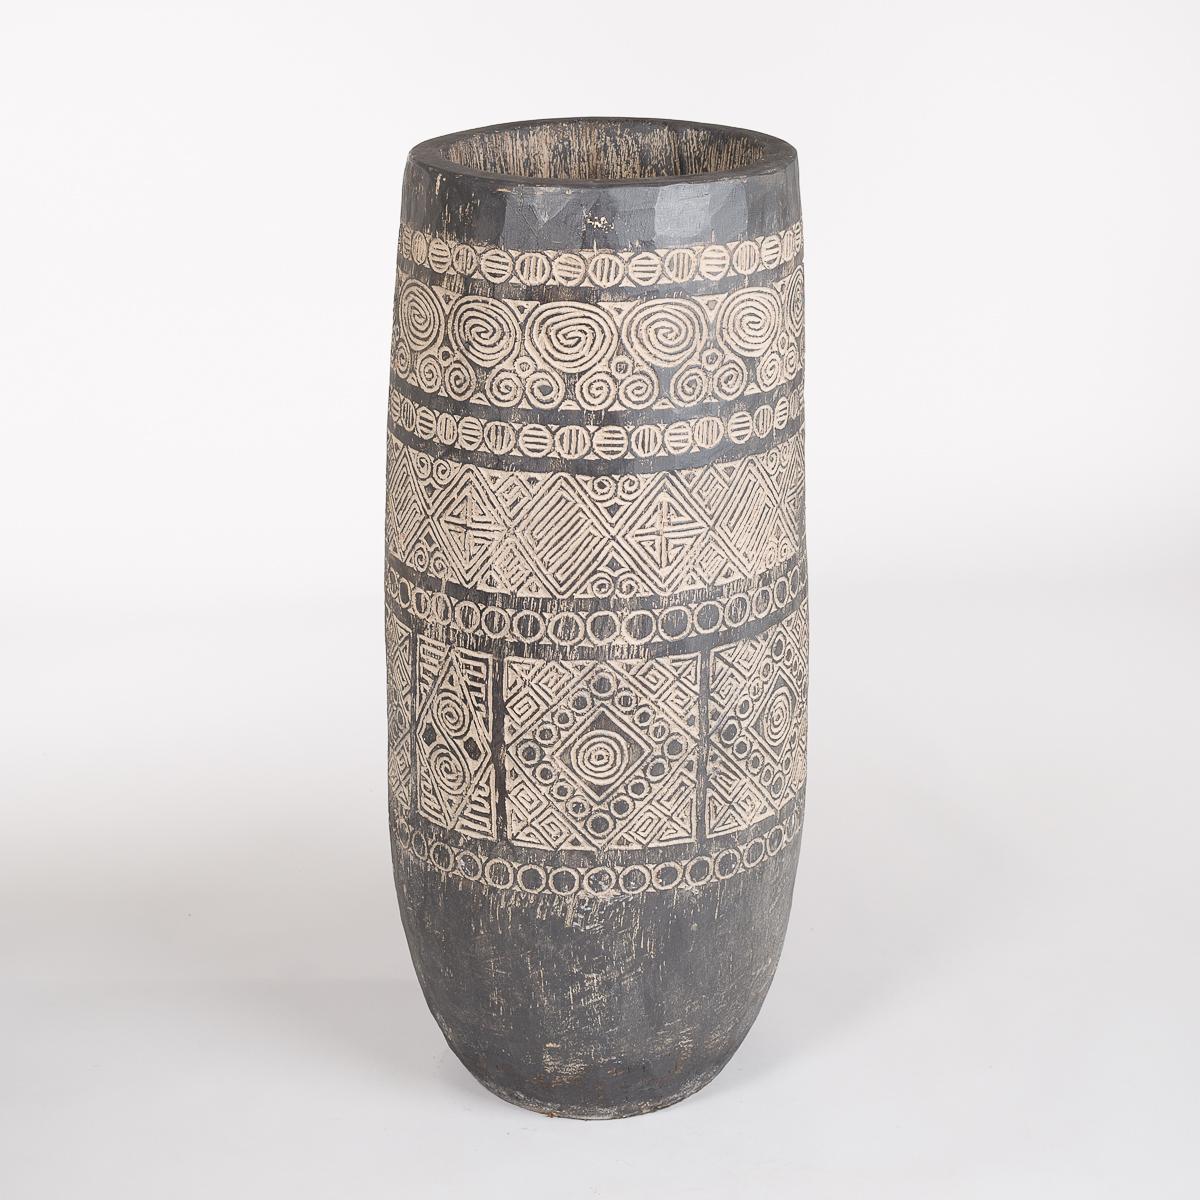 Palme potte, høyde 1 meter, farge Sort / bege-0